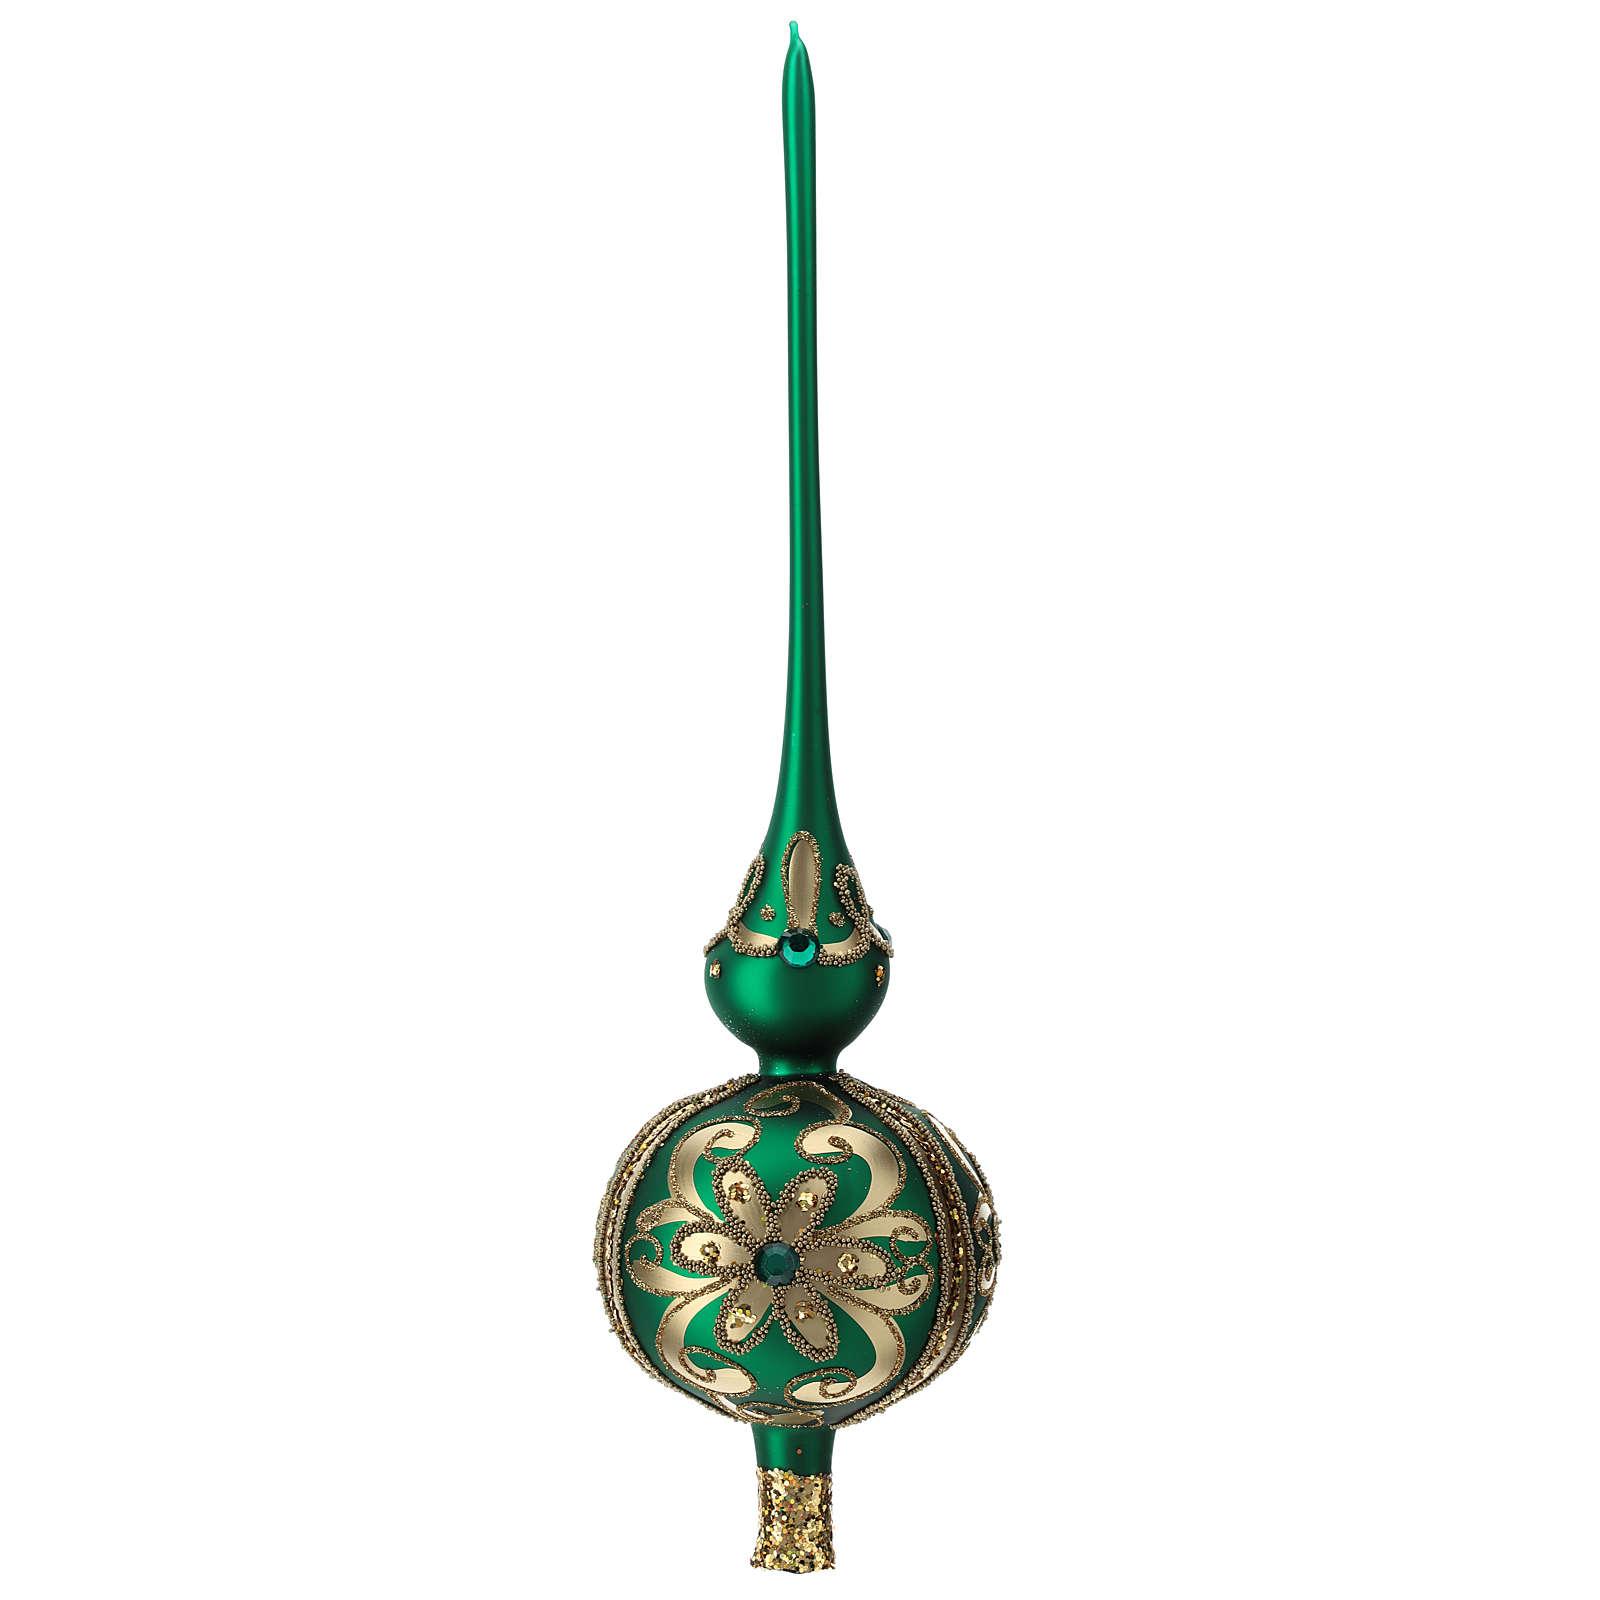 Punta árbol de Navidad de vidrio soplado verde y decoraciones oro 4